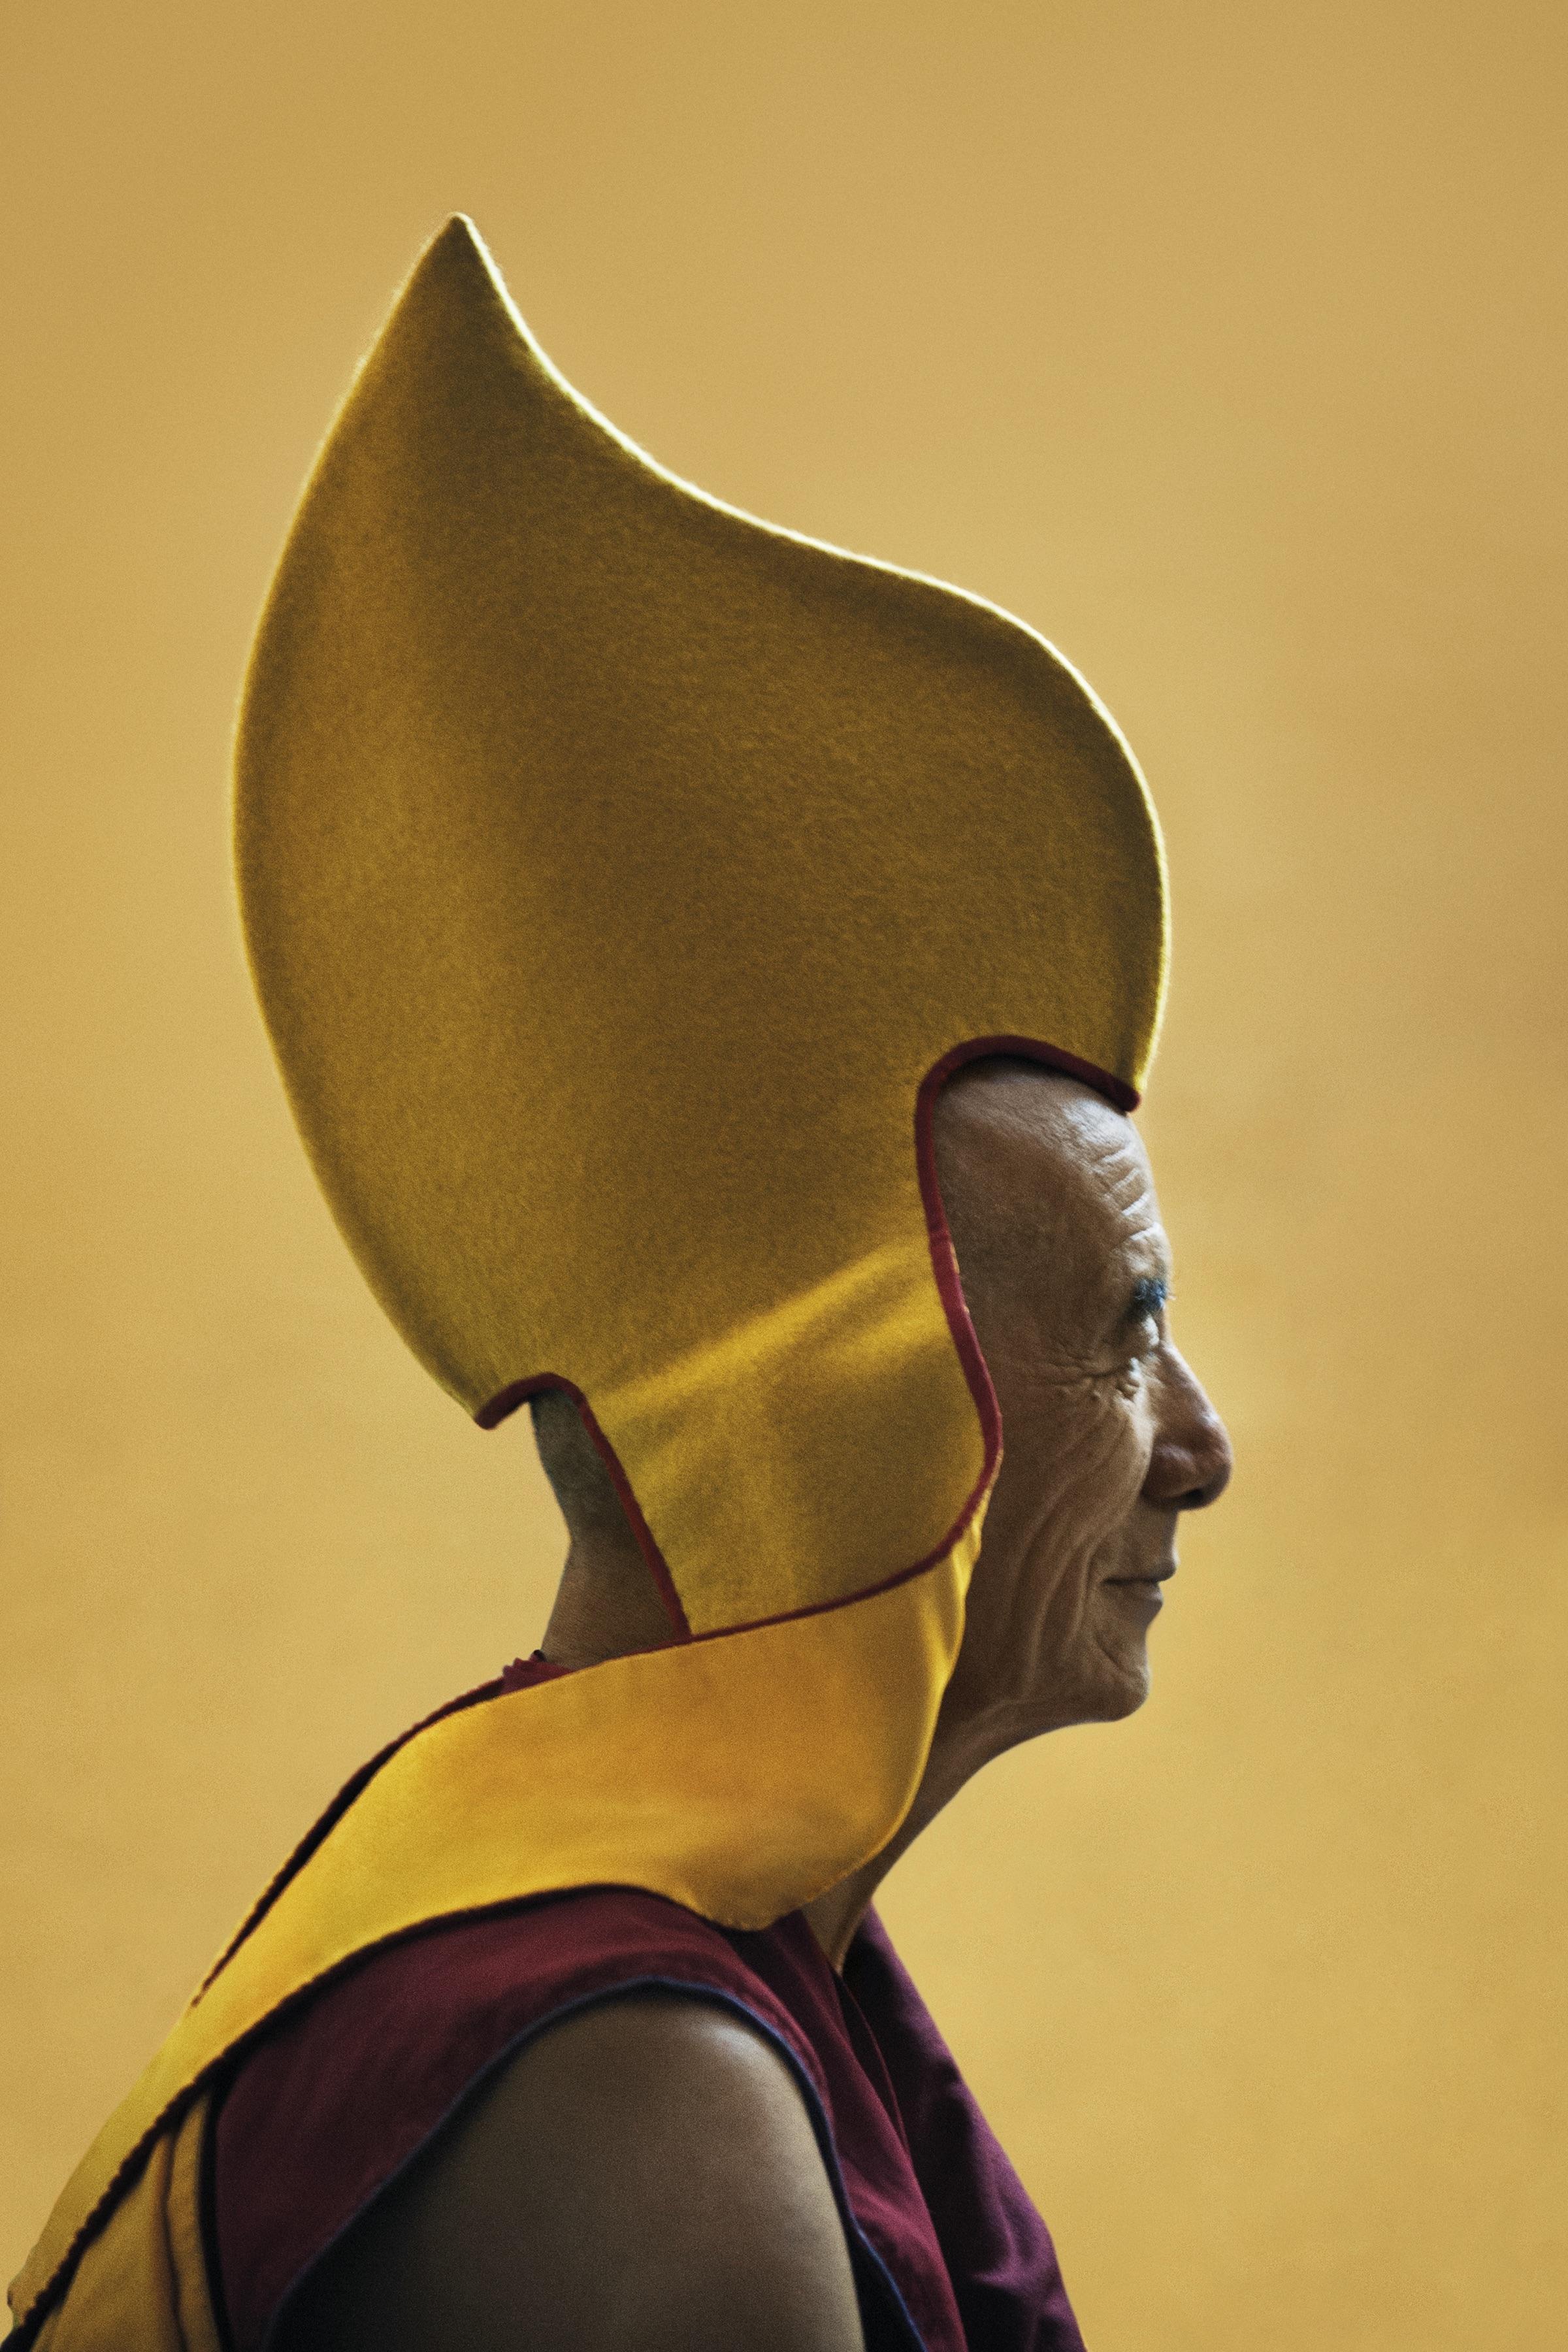 Tobi-Wilkinson_Gyuto-Honorific_Courtesy-Galerie-Thierry-Bigaignon.jpeg